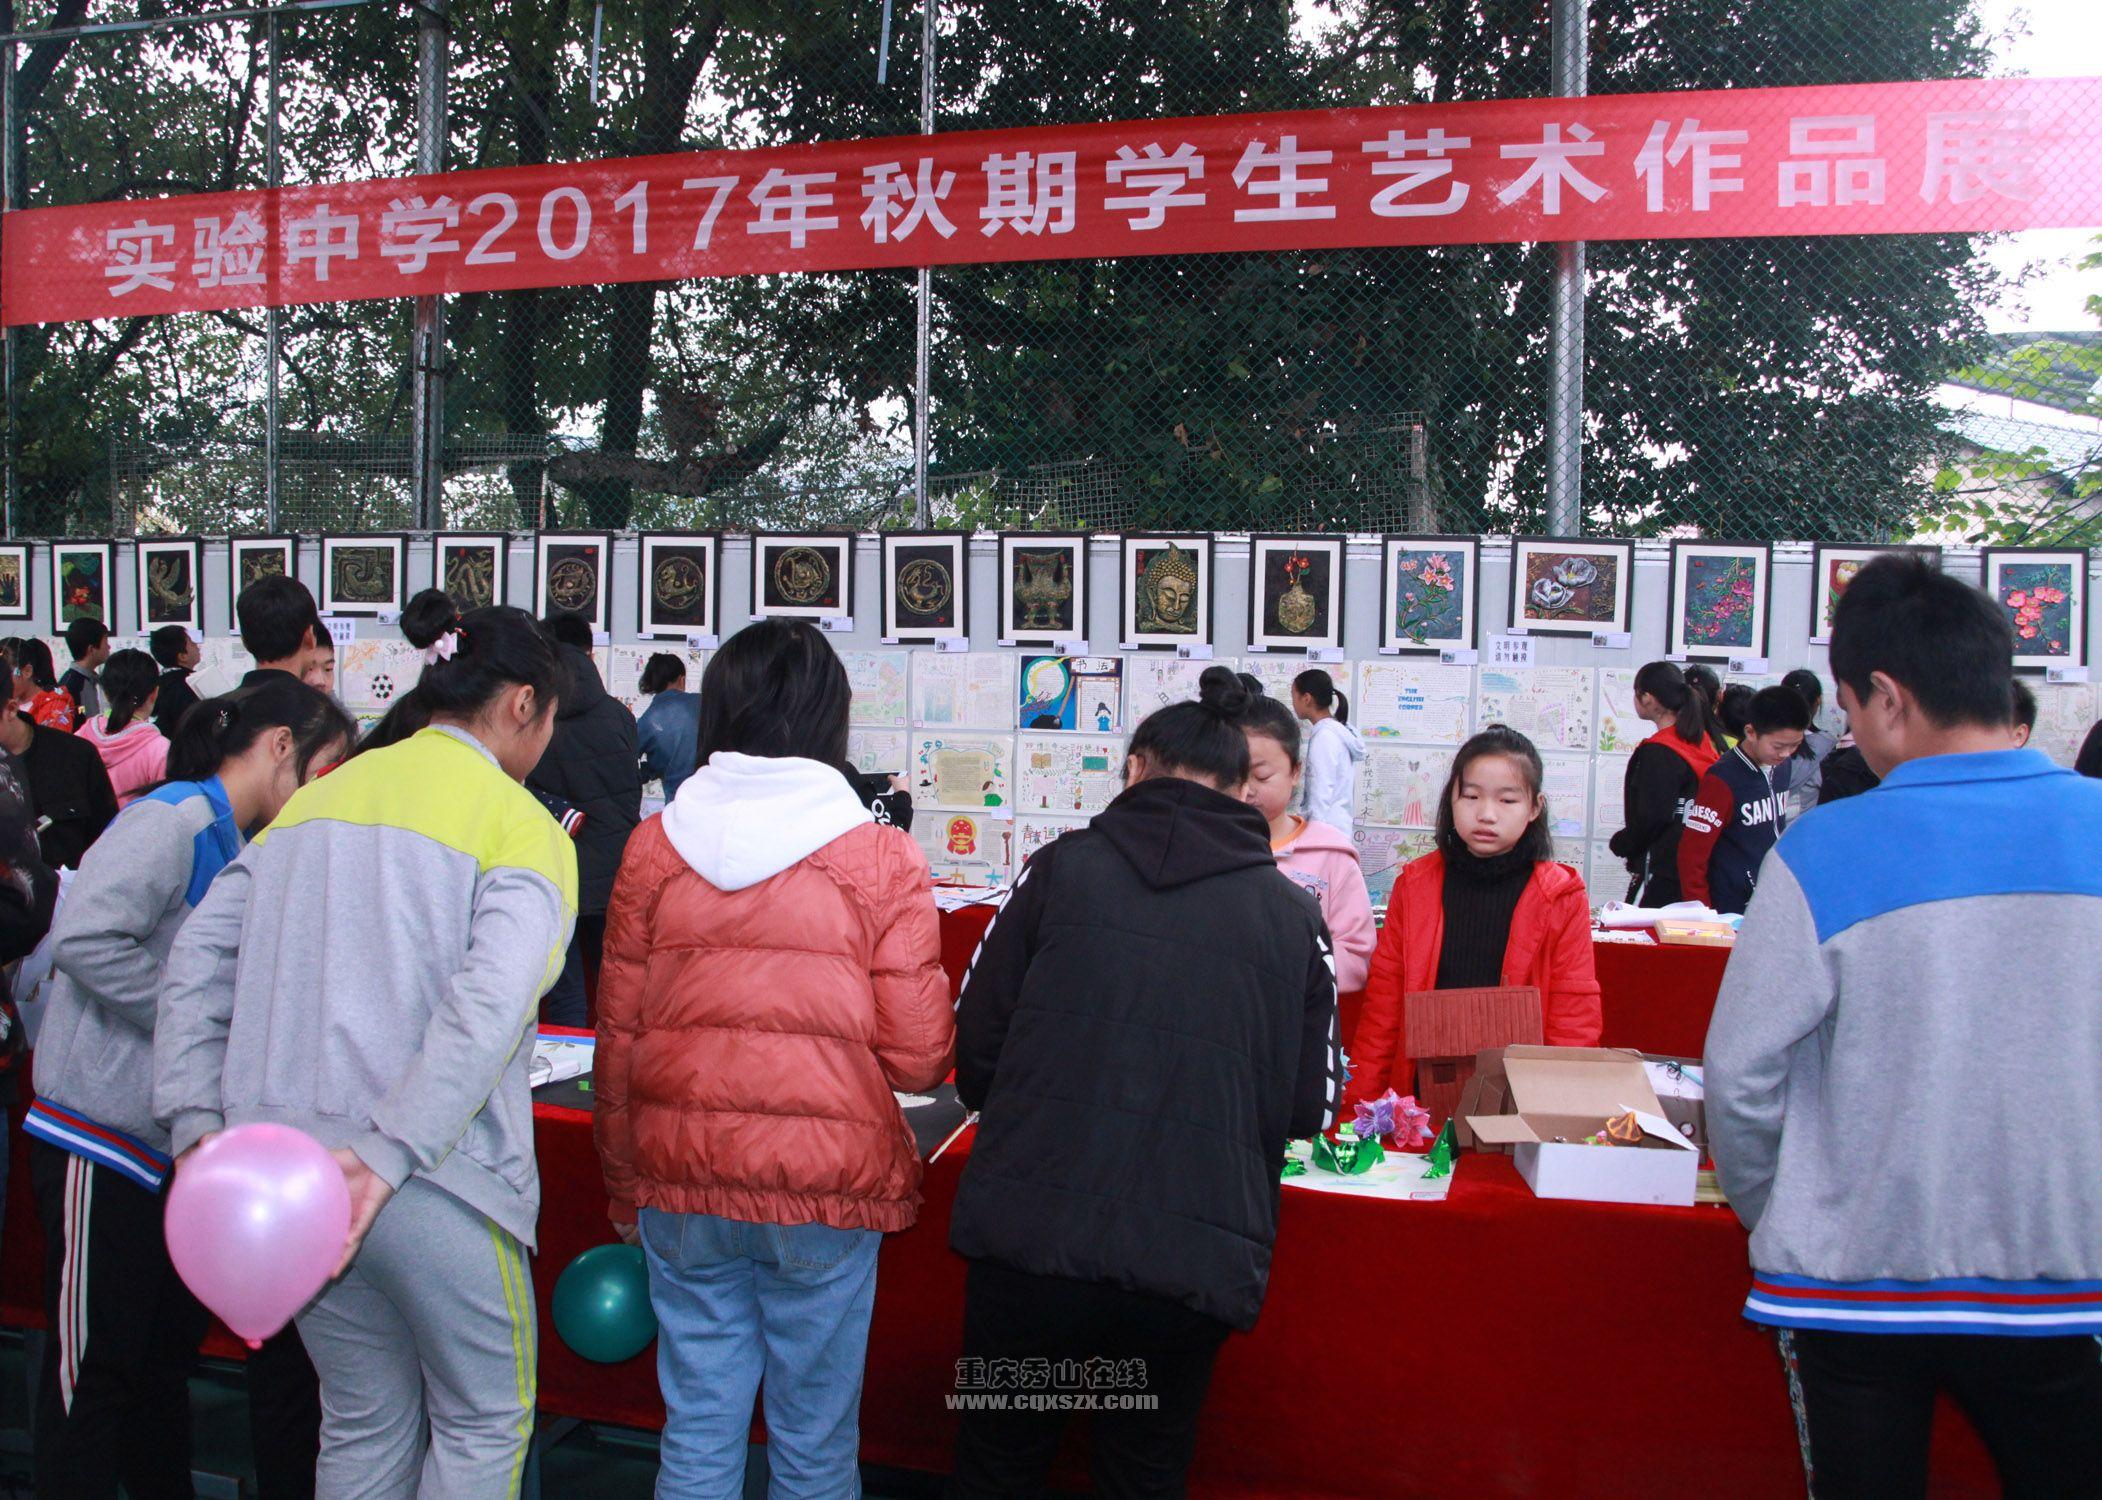 秀山实验中学举办学生艺术作品展